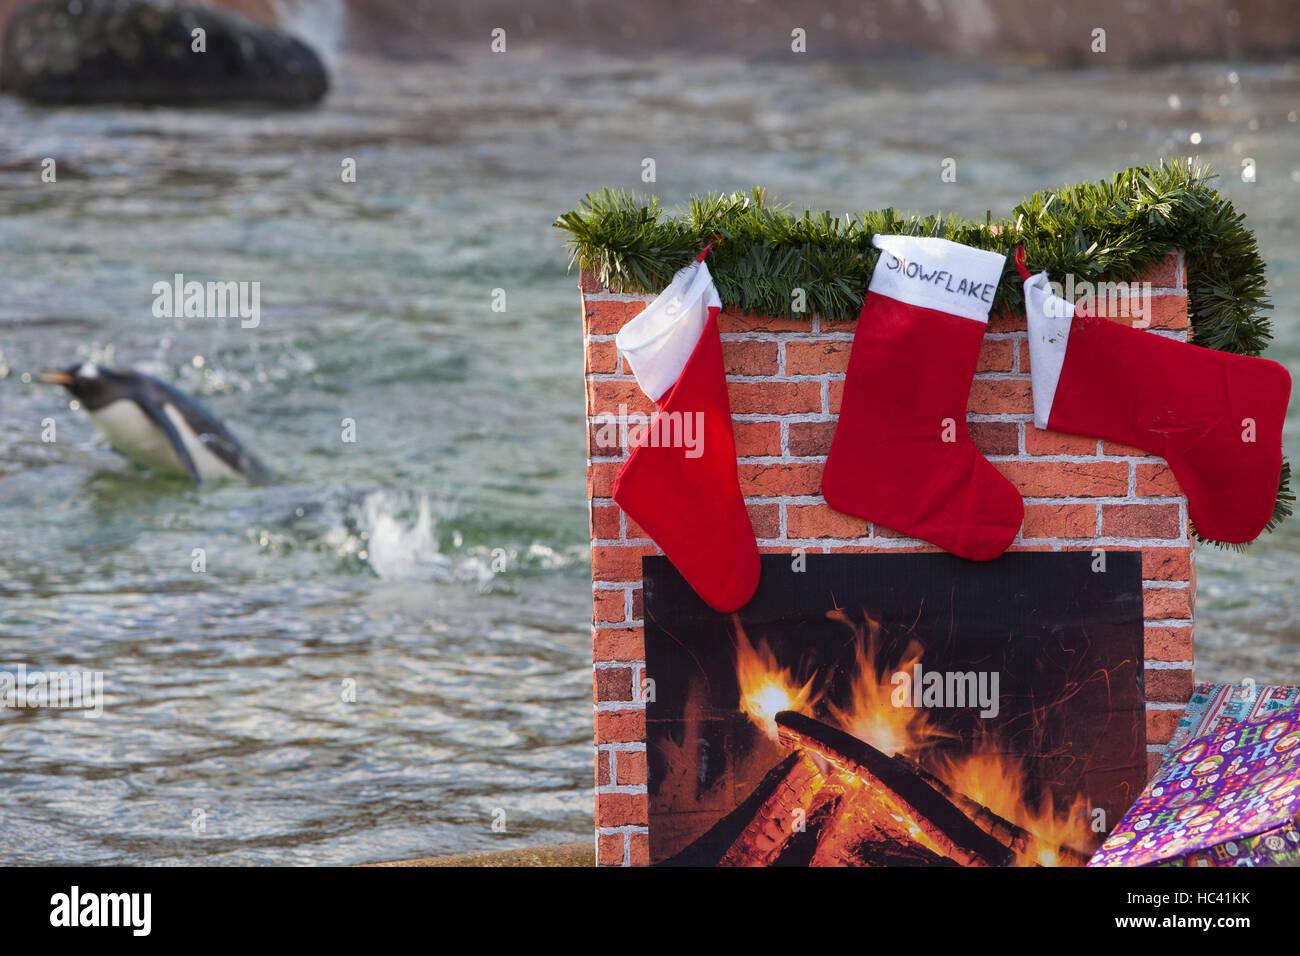 Edimburgo, Reino Unido. 7 de diciembre de 2016. Los pingüinos recoger regalos para Navidad en Penguin's Imagen De Stock